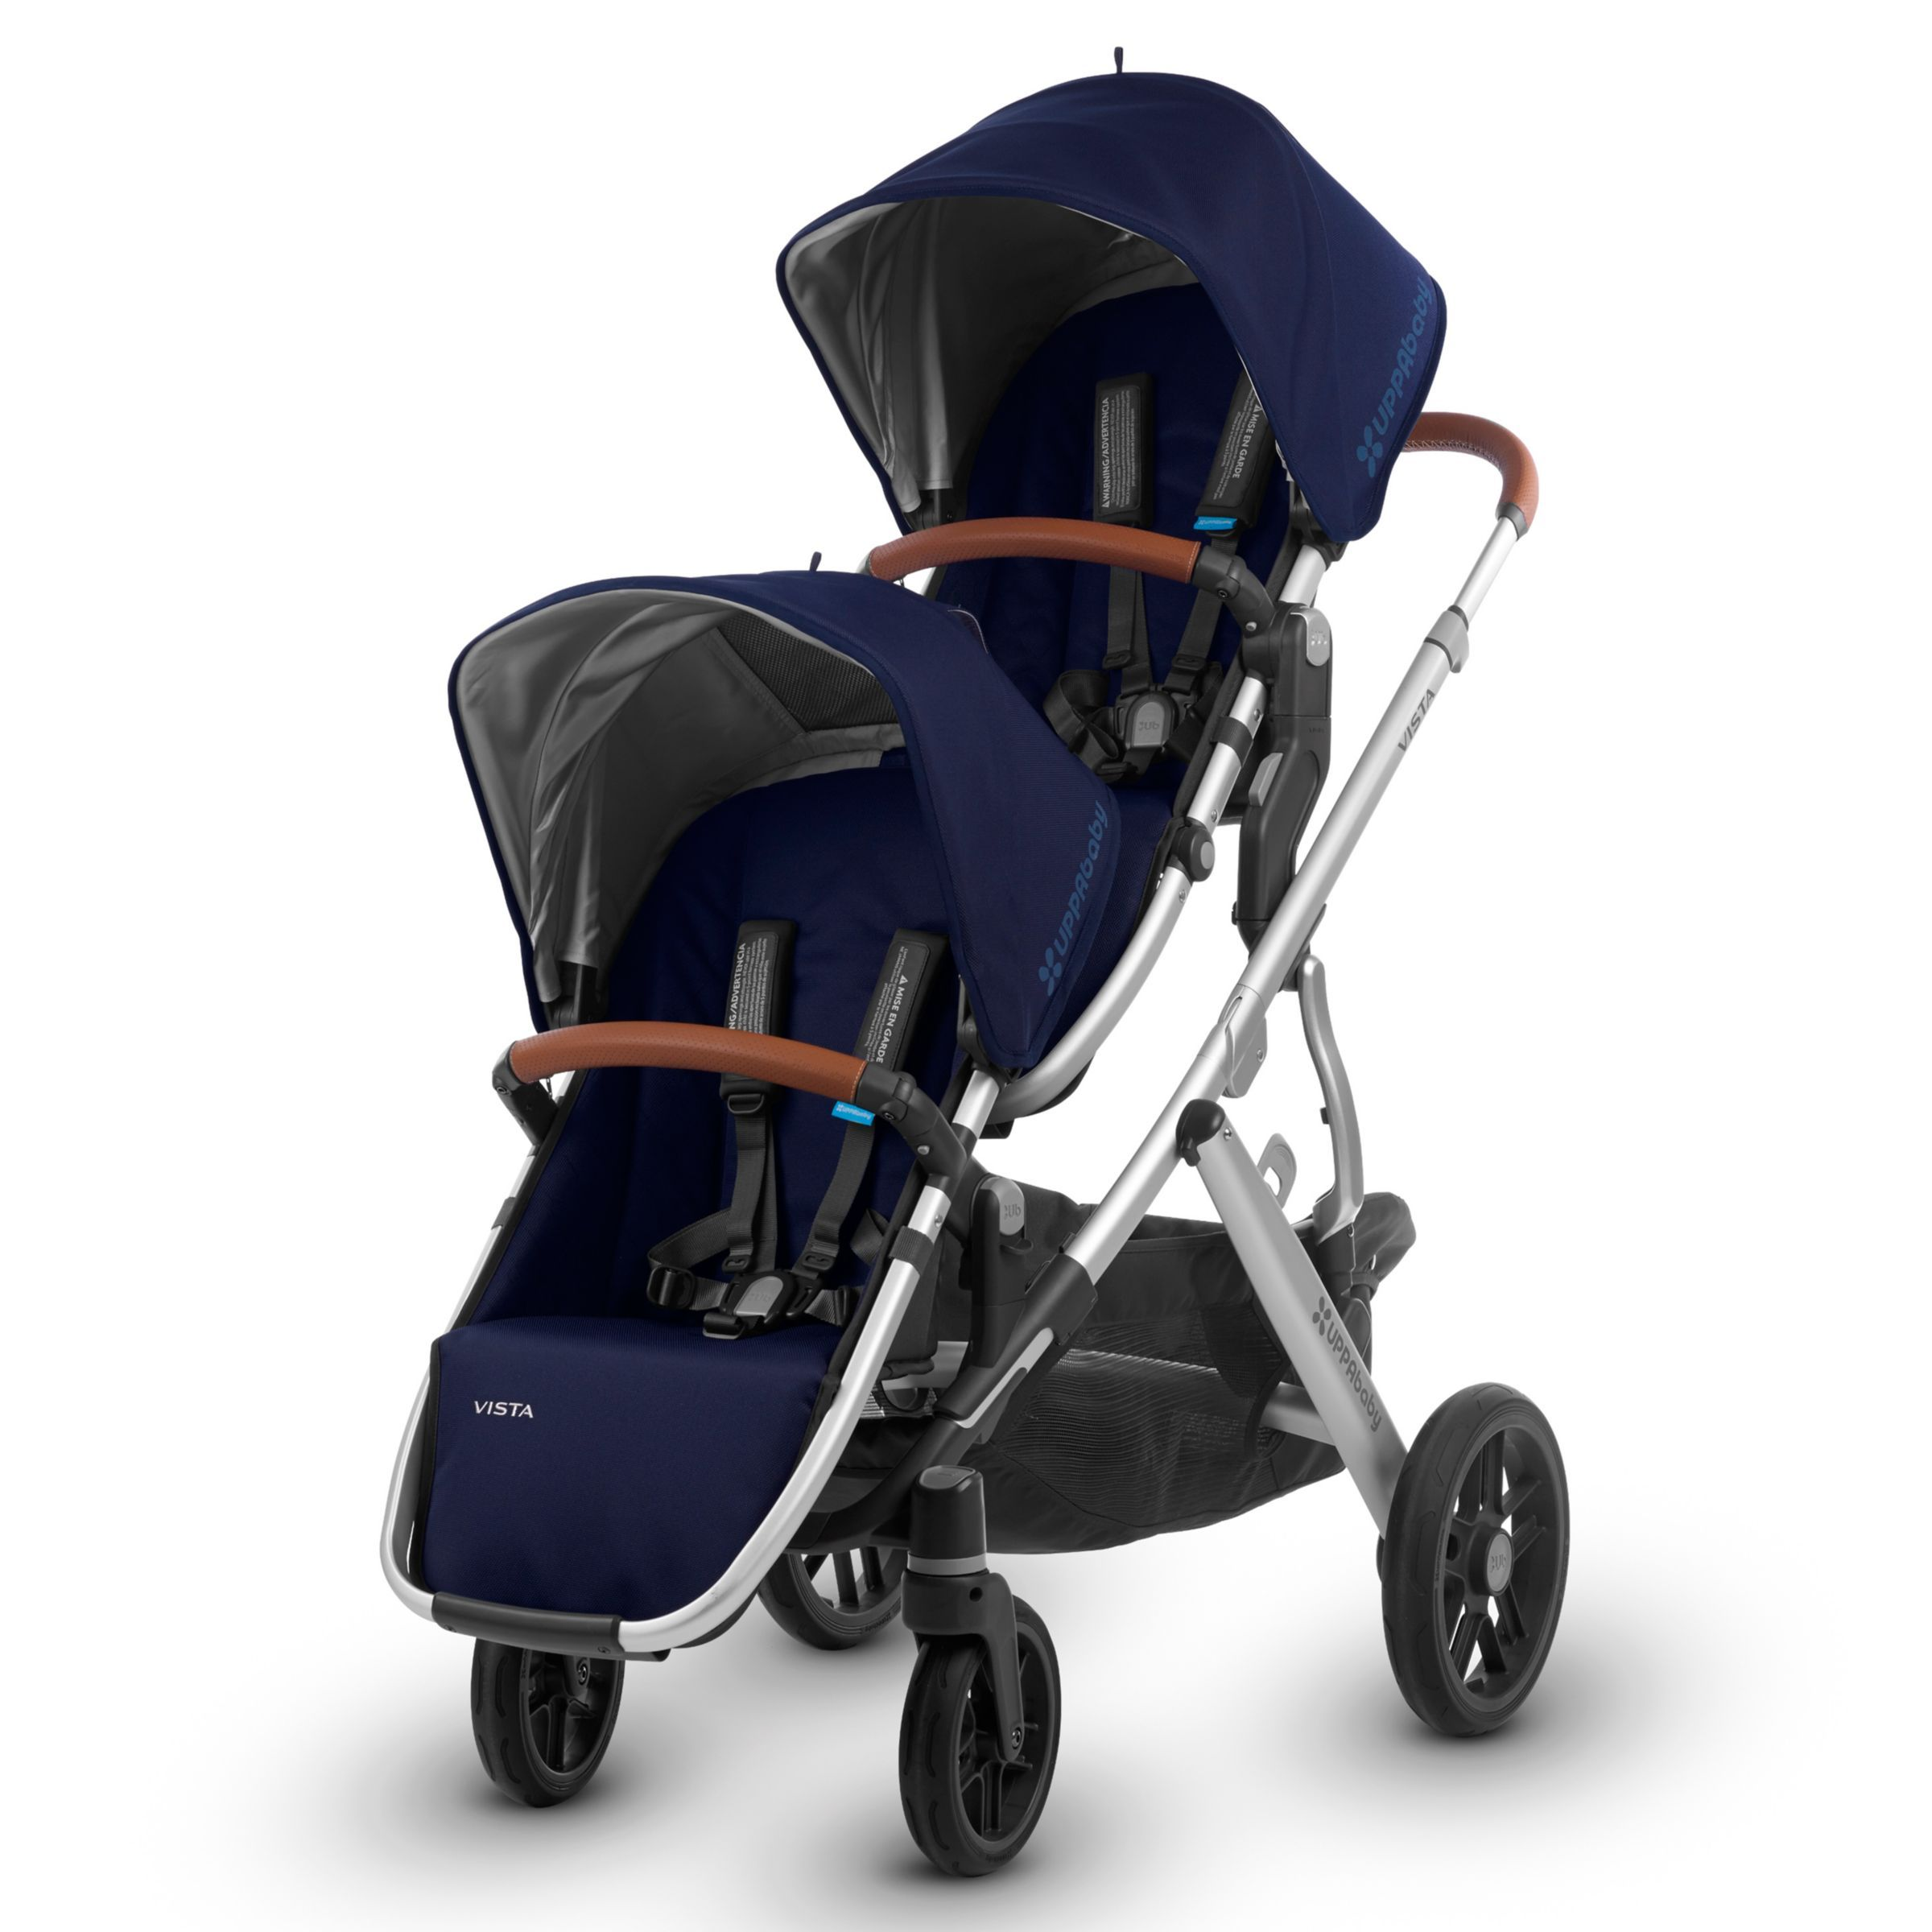 UPPAbaby Rumble Seat, Taylor Baby car seats, Car seats